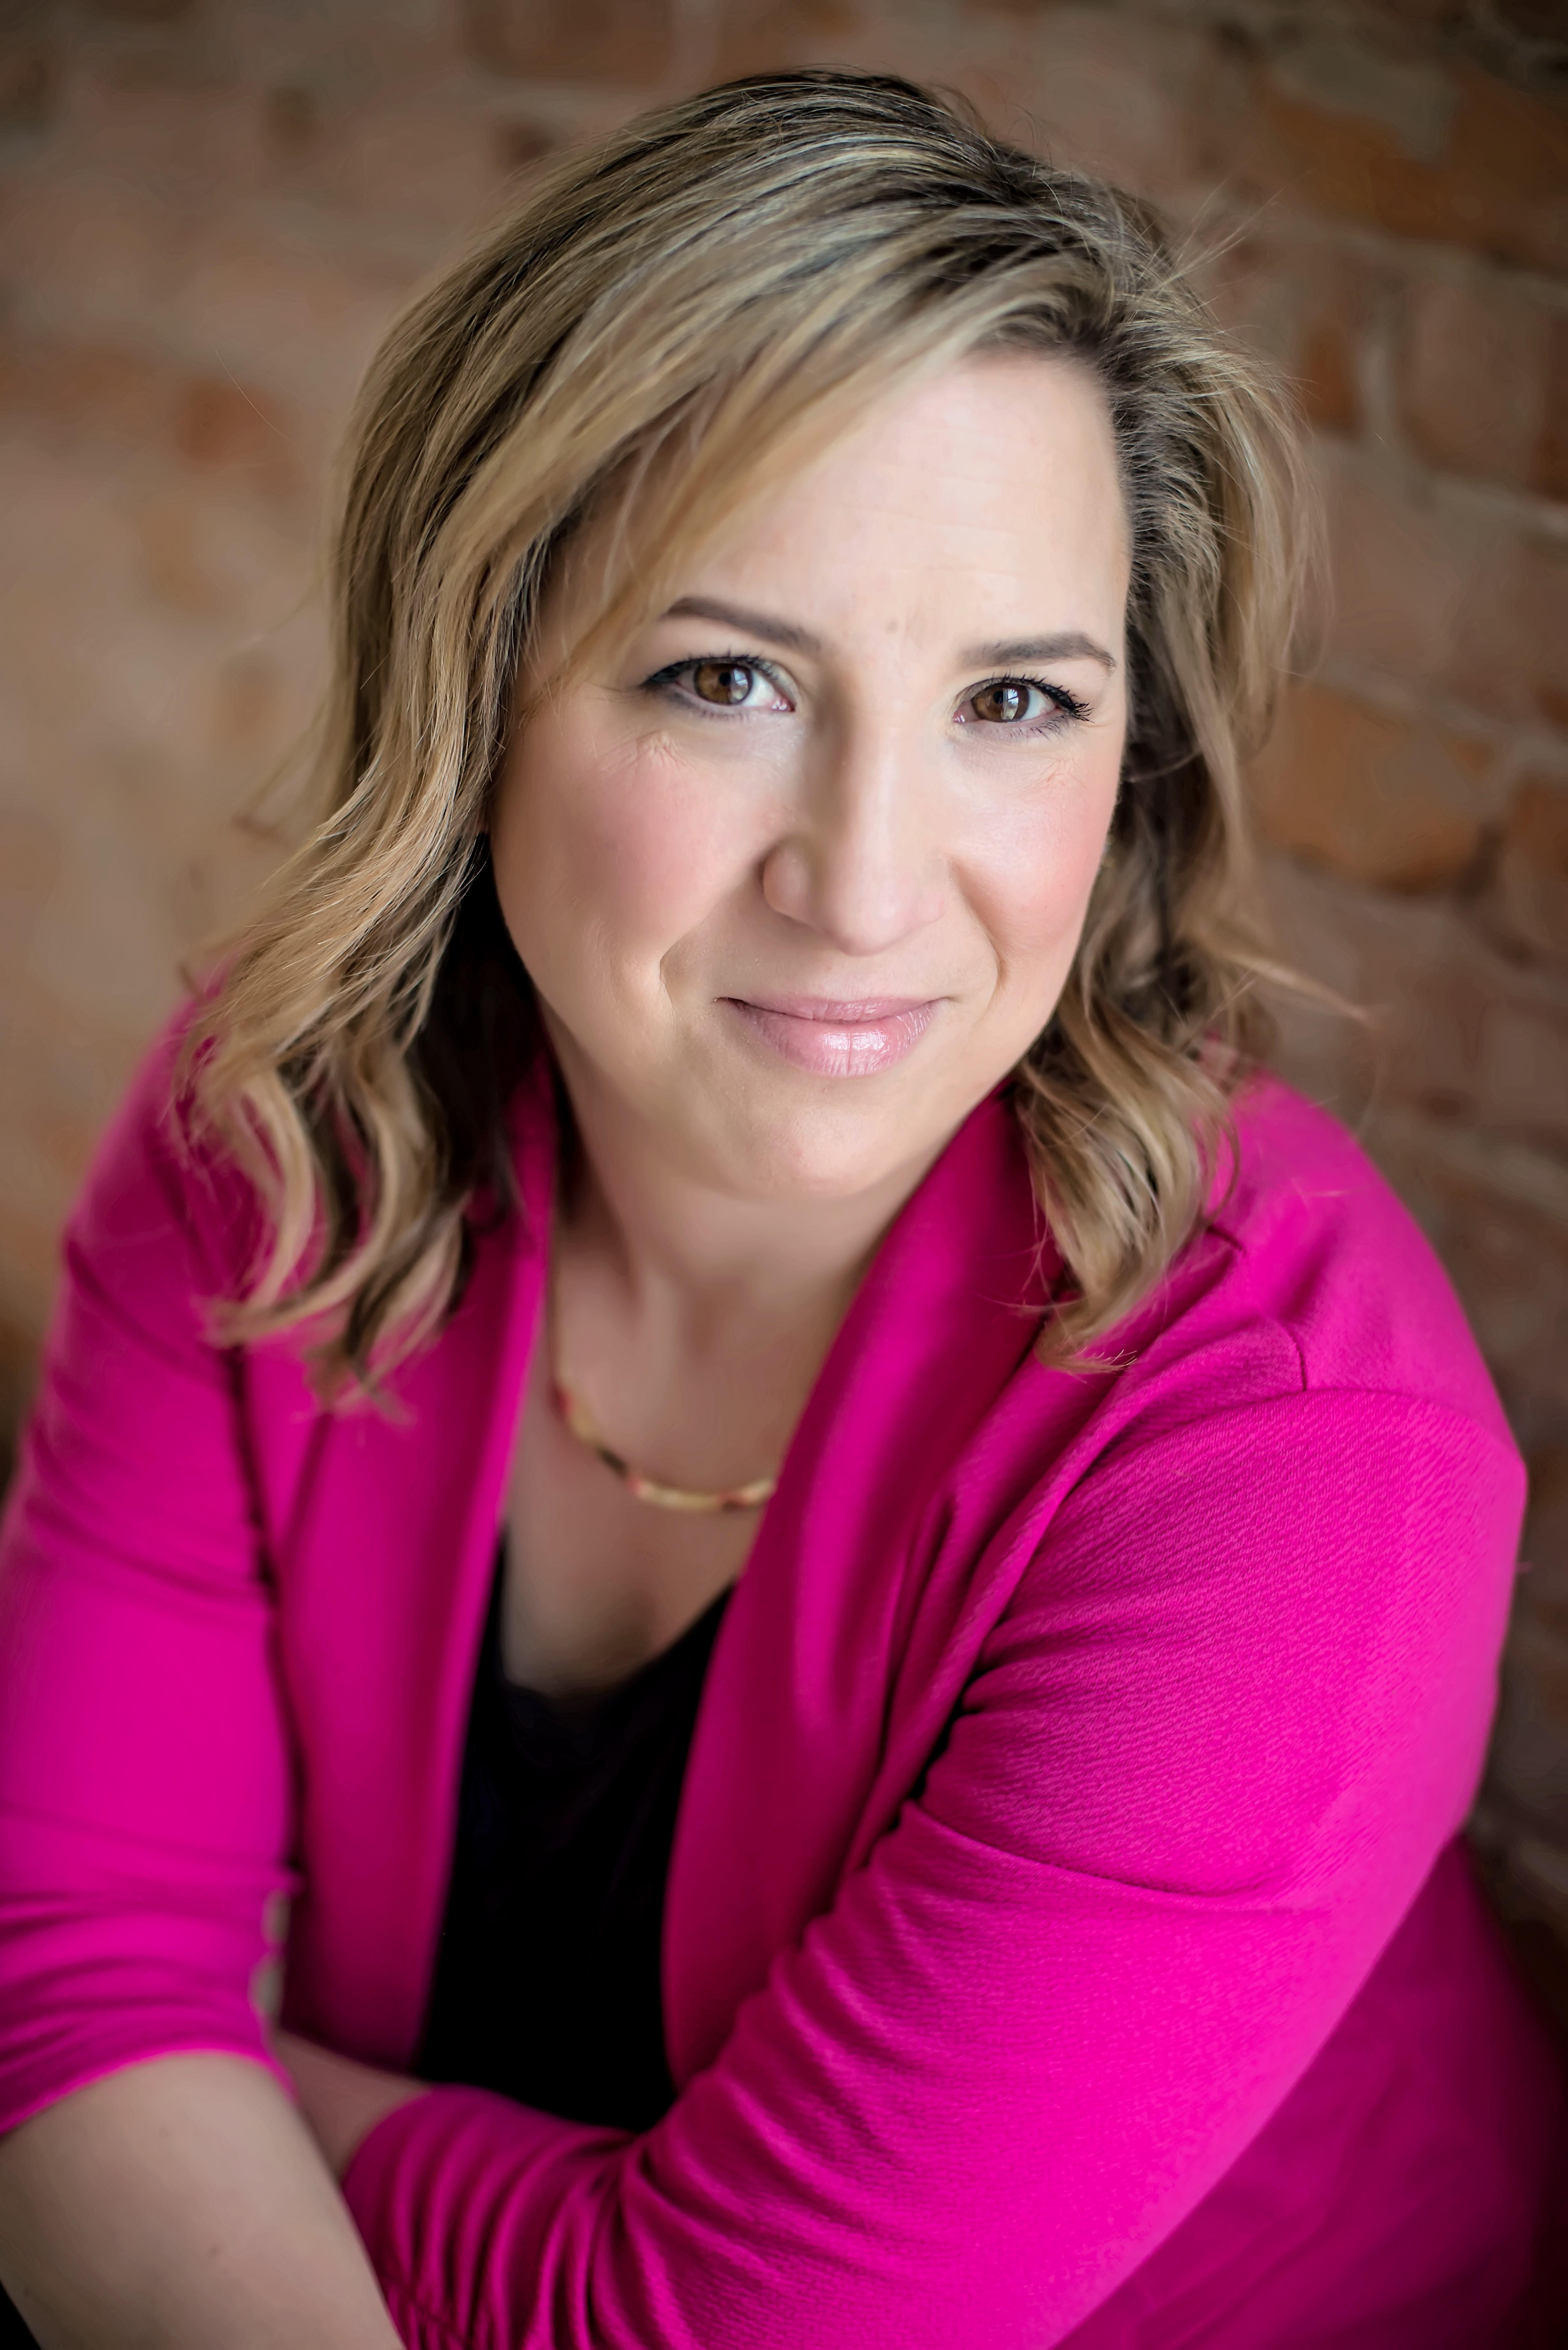 Sarah Shawhan